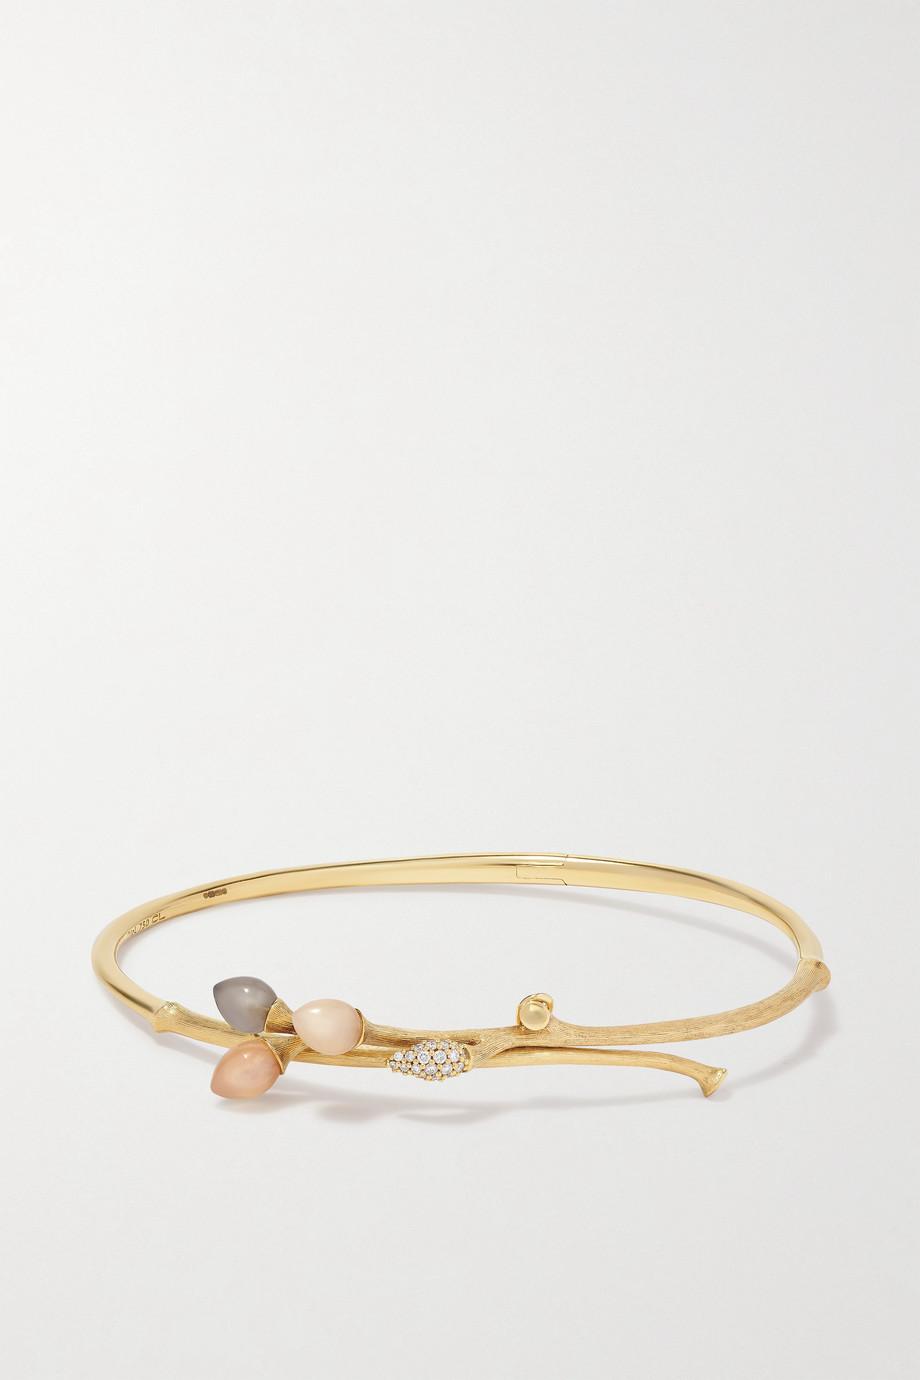 OLE LYNGGAARD COPENHAGEN Blooming Armreif aus 18 Karat Gold mit Mondsteinen und Diamanten